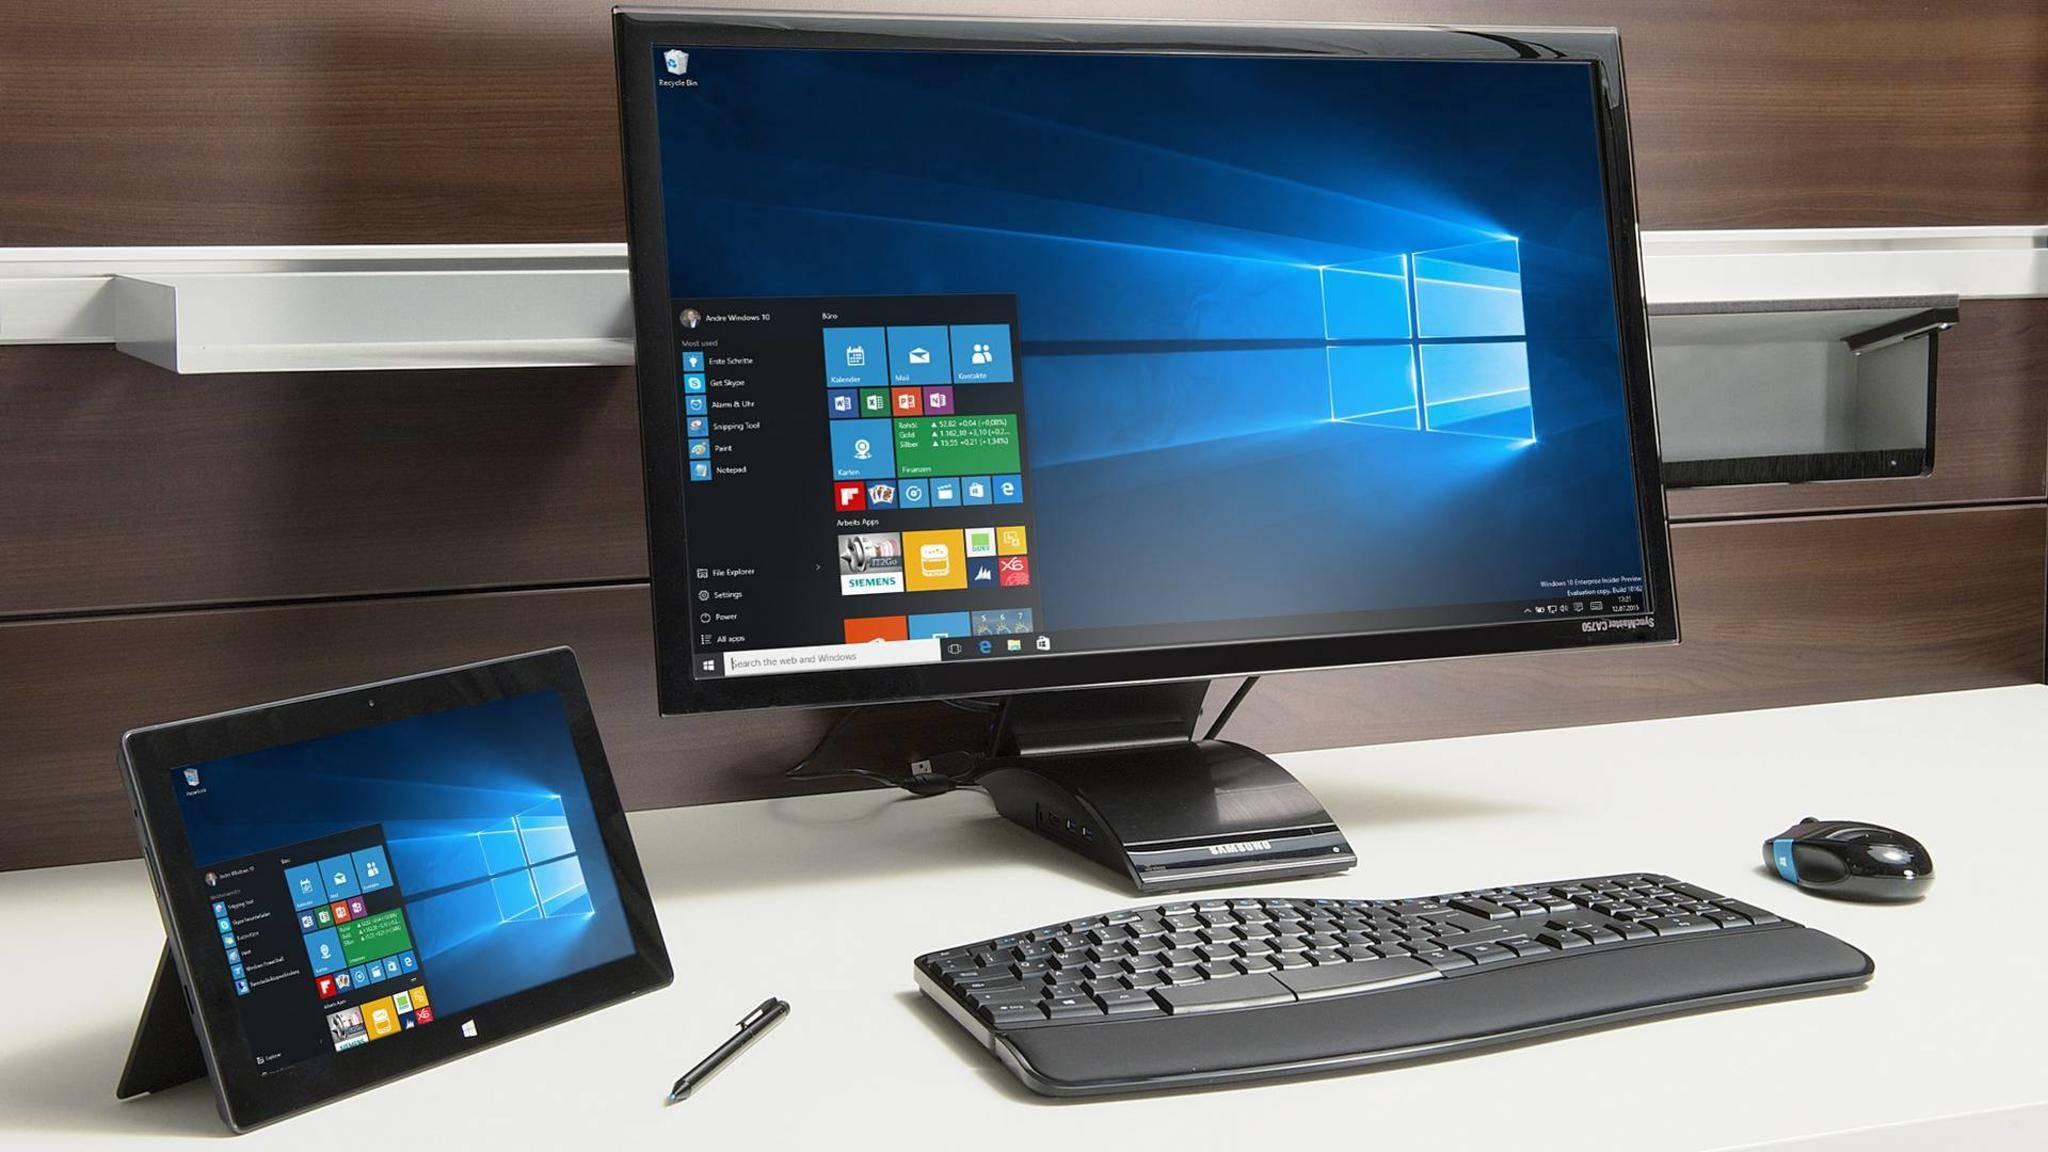 Die Retail oder FPP-Versionen aus dem Handel umfassen das komplette Windows 10-Paket.